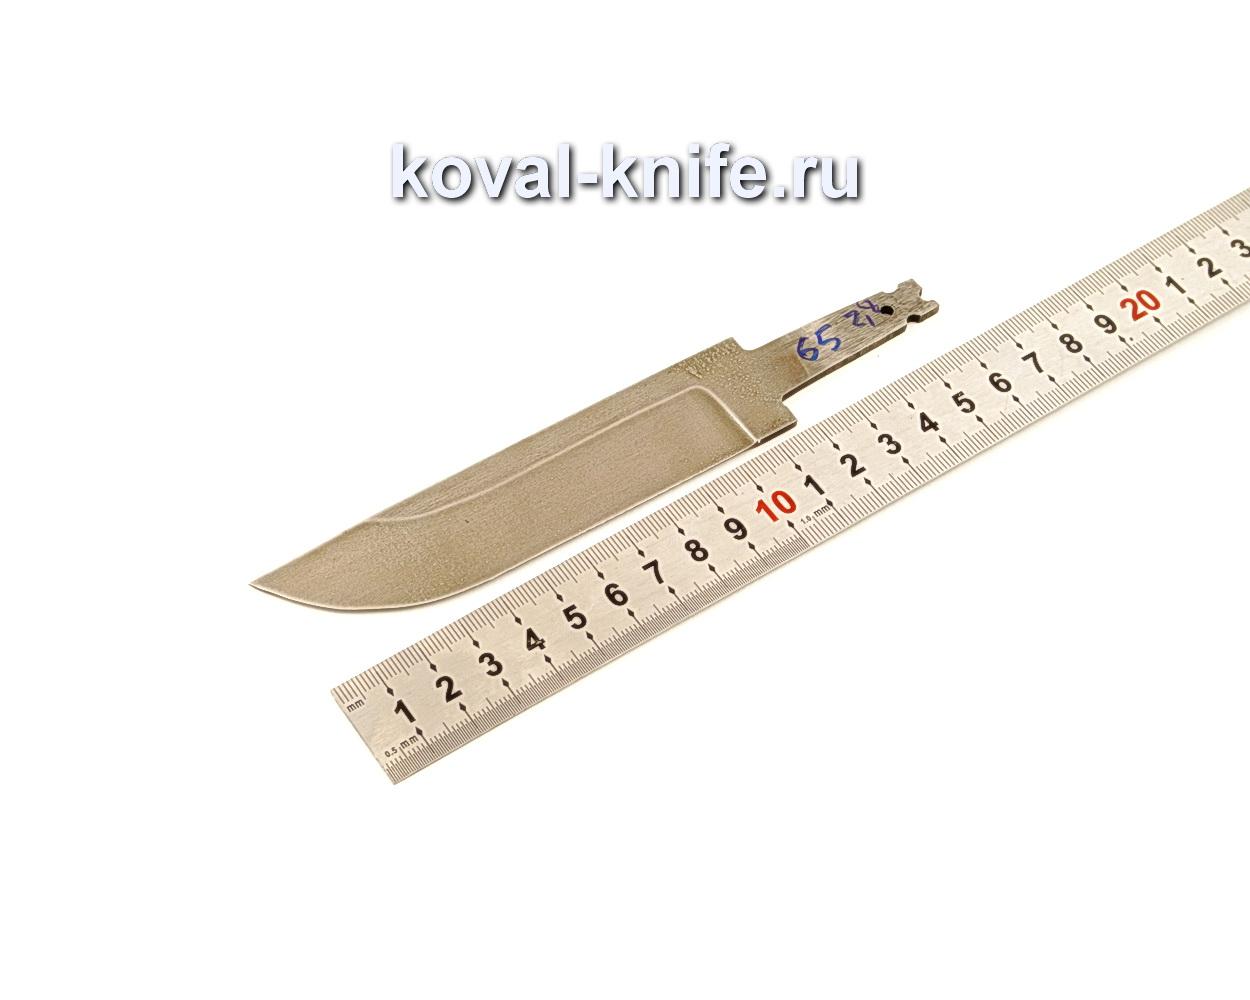 Клинок для ножа из кованой стали ХВГ N65